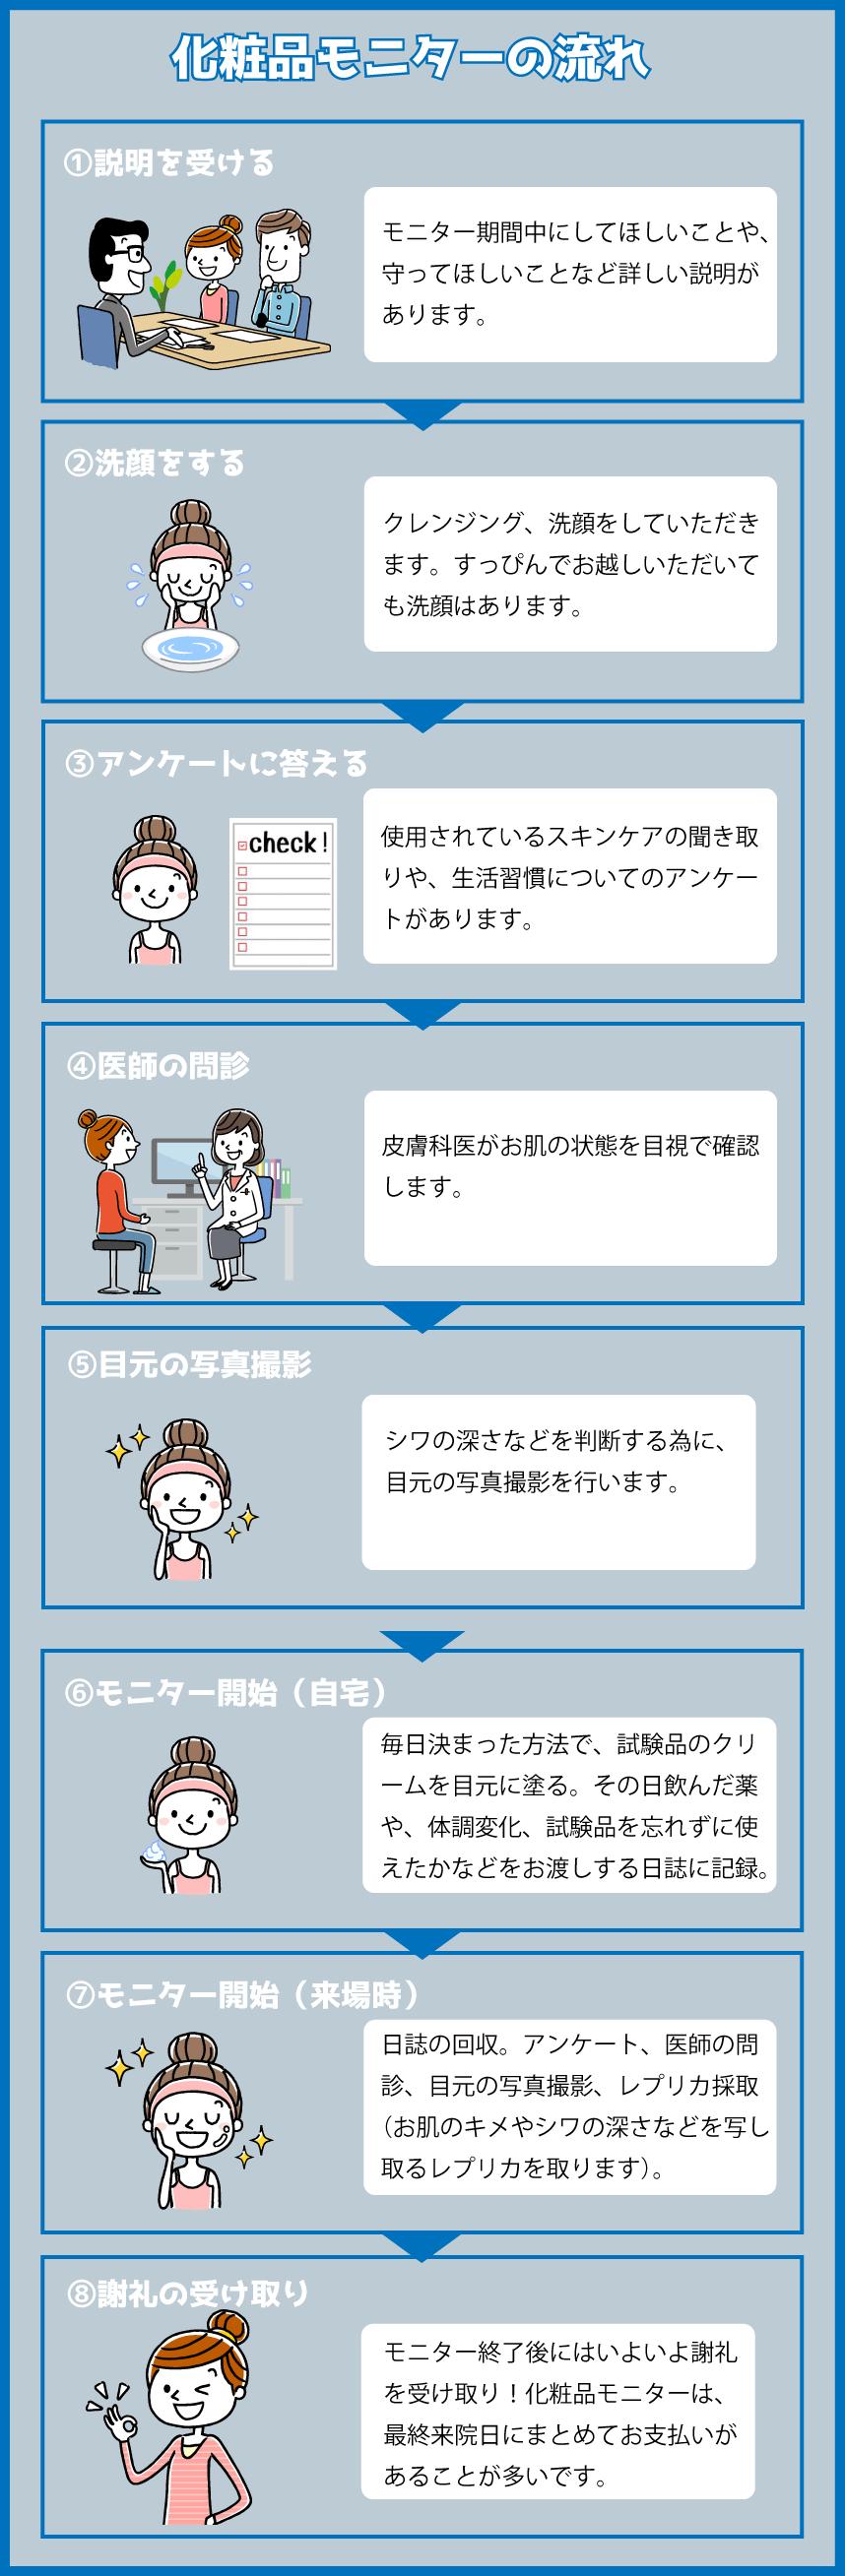 化粧品モニターの流れ(事前検診〜本試験)